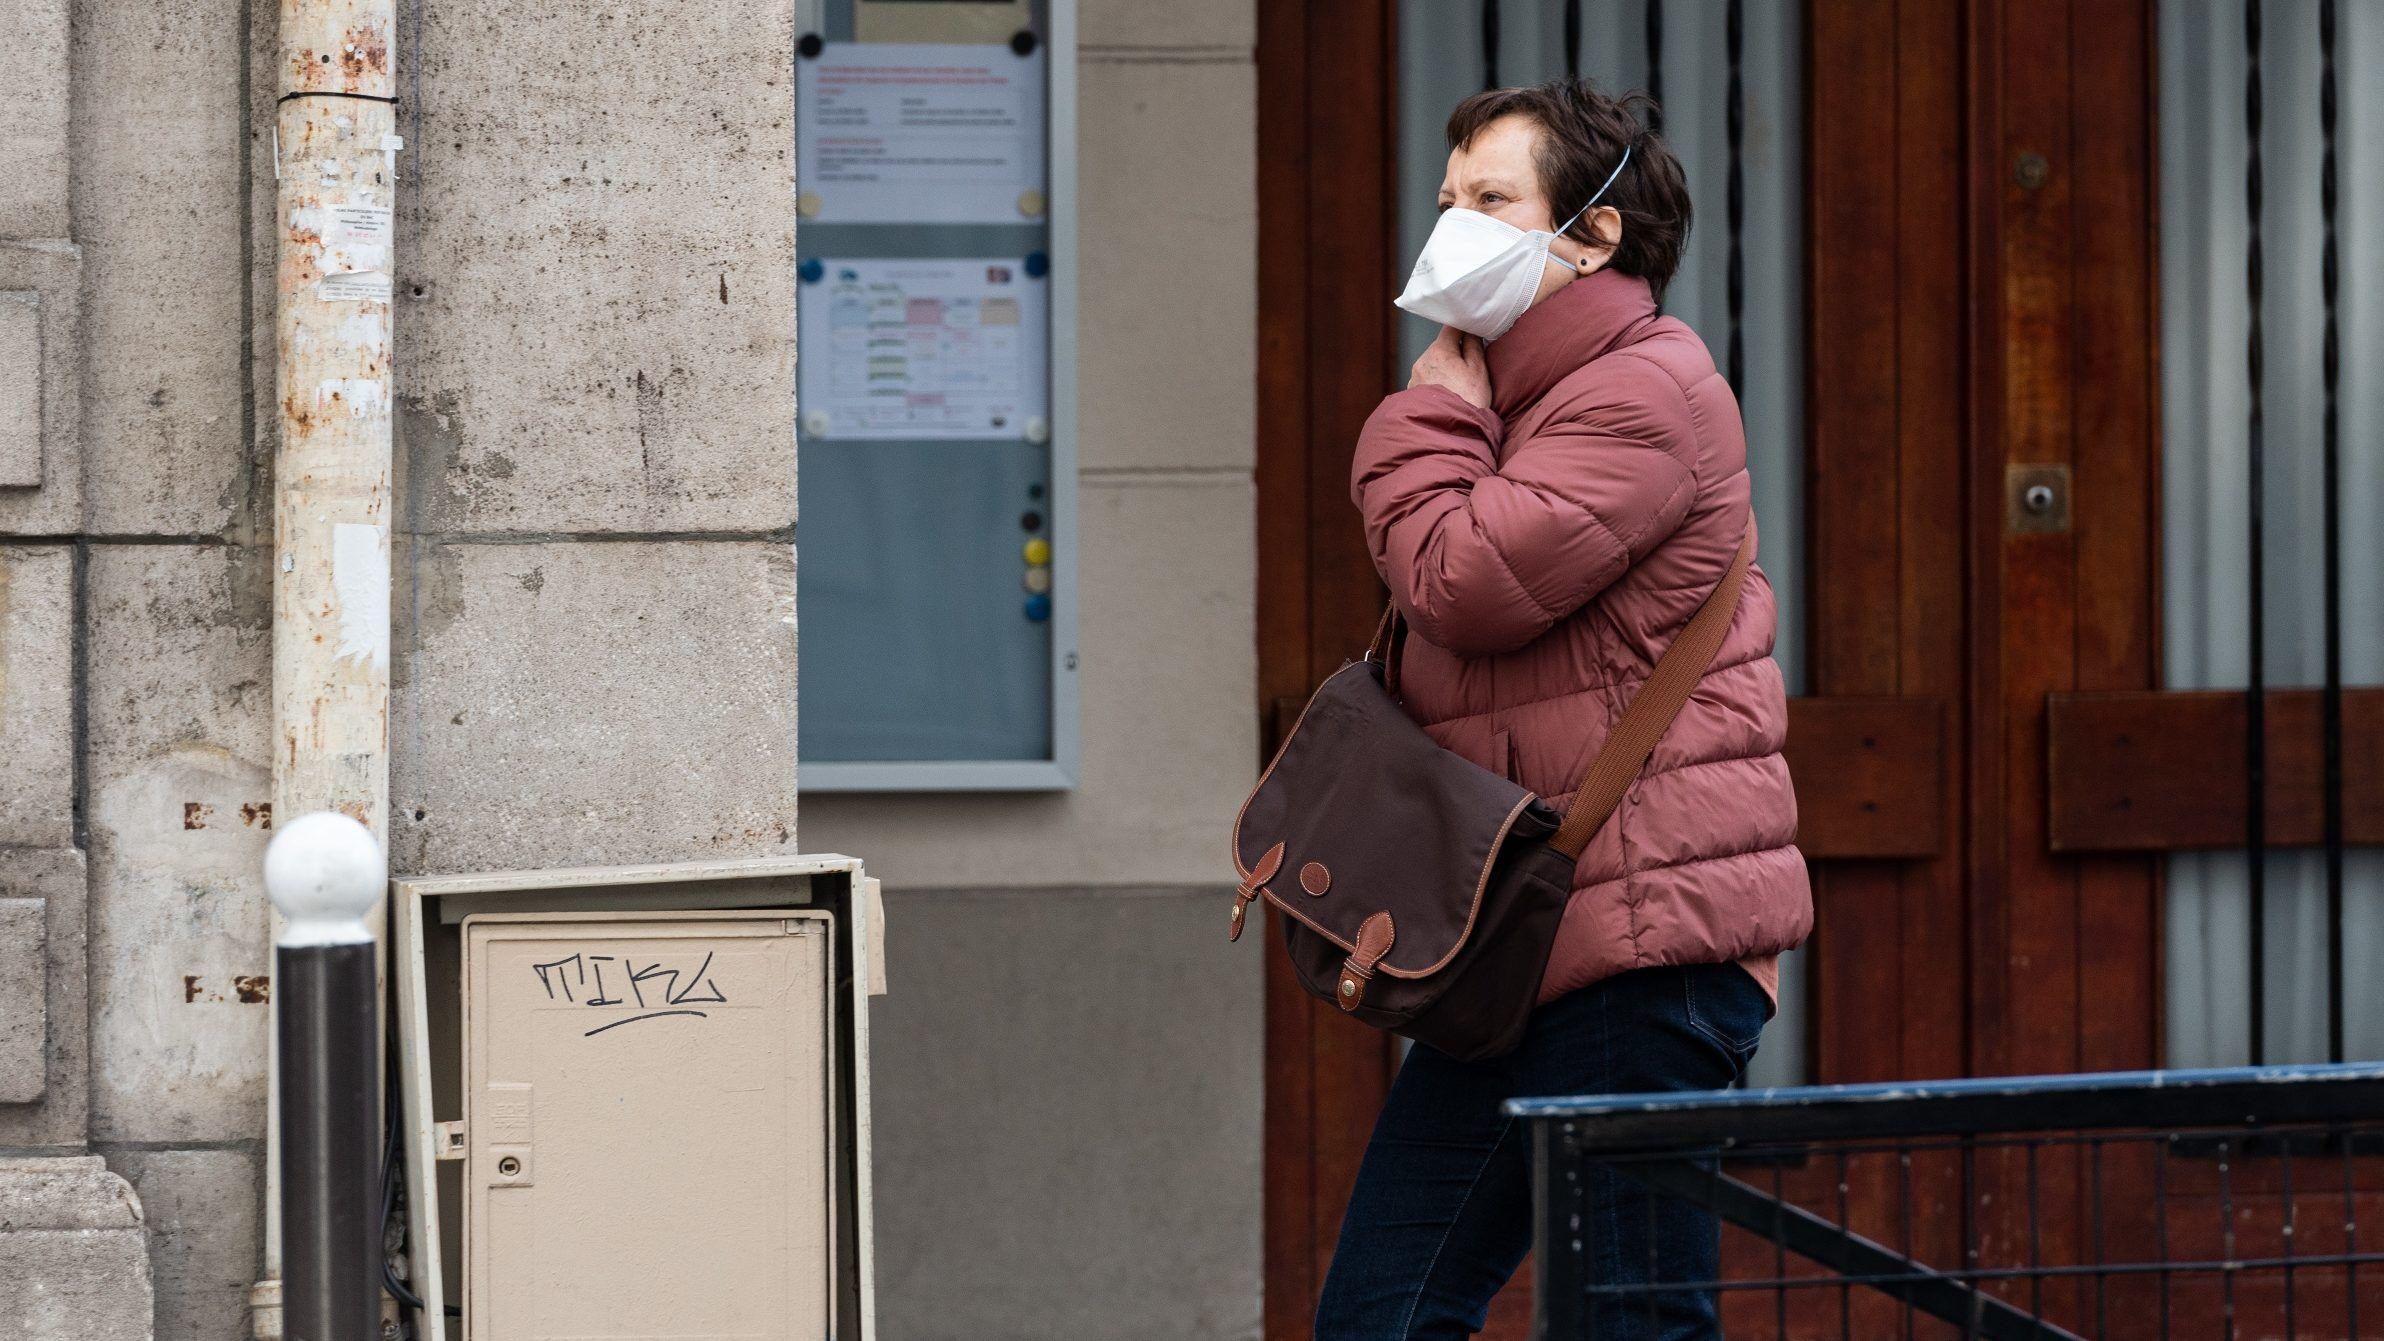 Francia állítás: A gyulladáscsökkentő csak ront a koronavírus-fertőzöttek állapotán